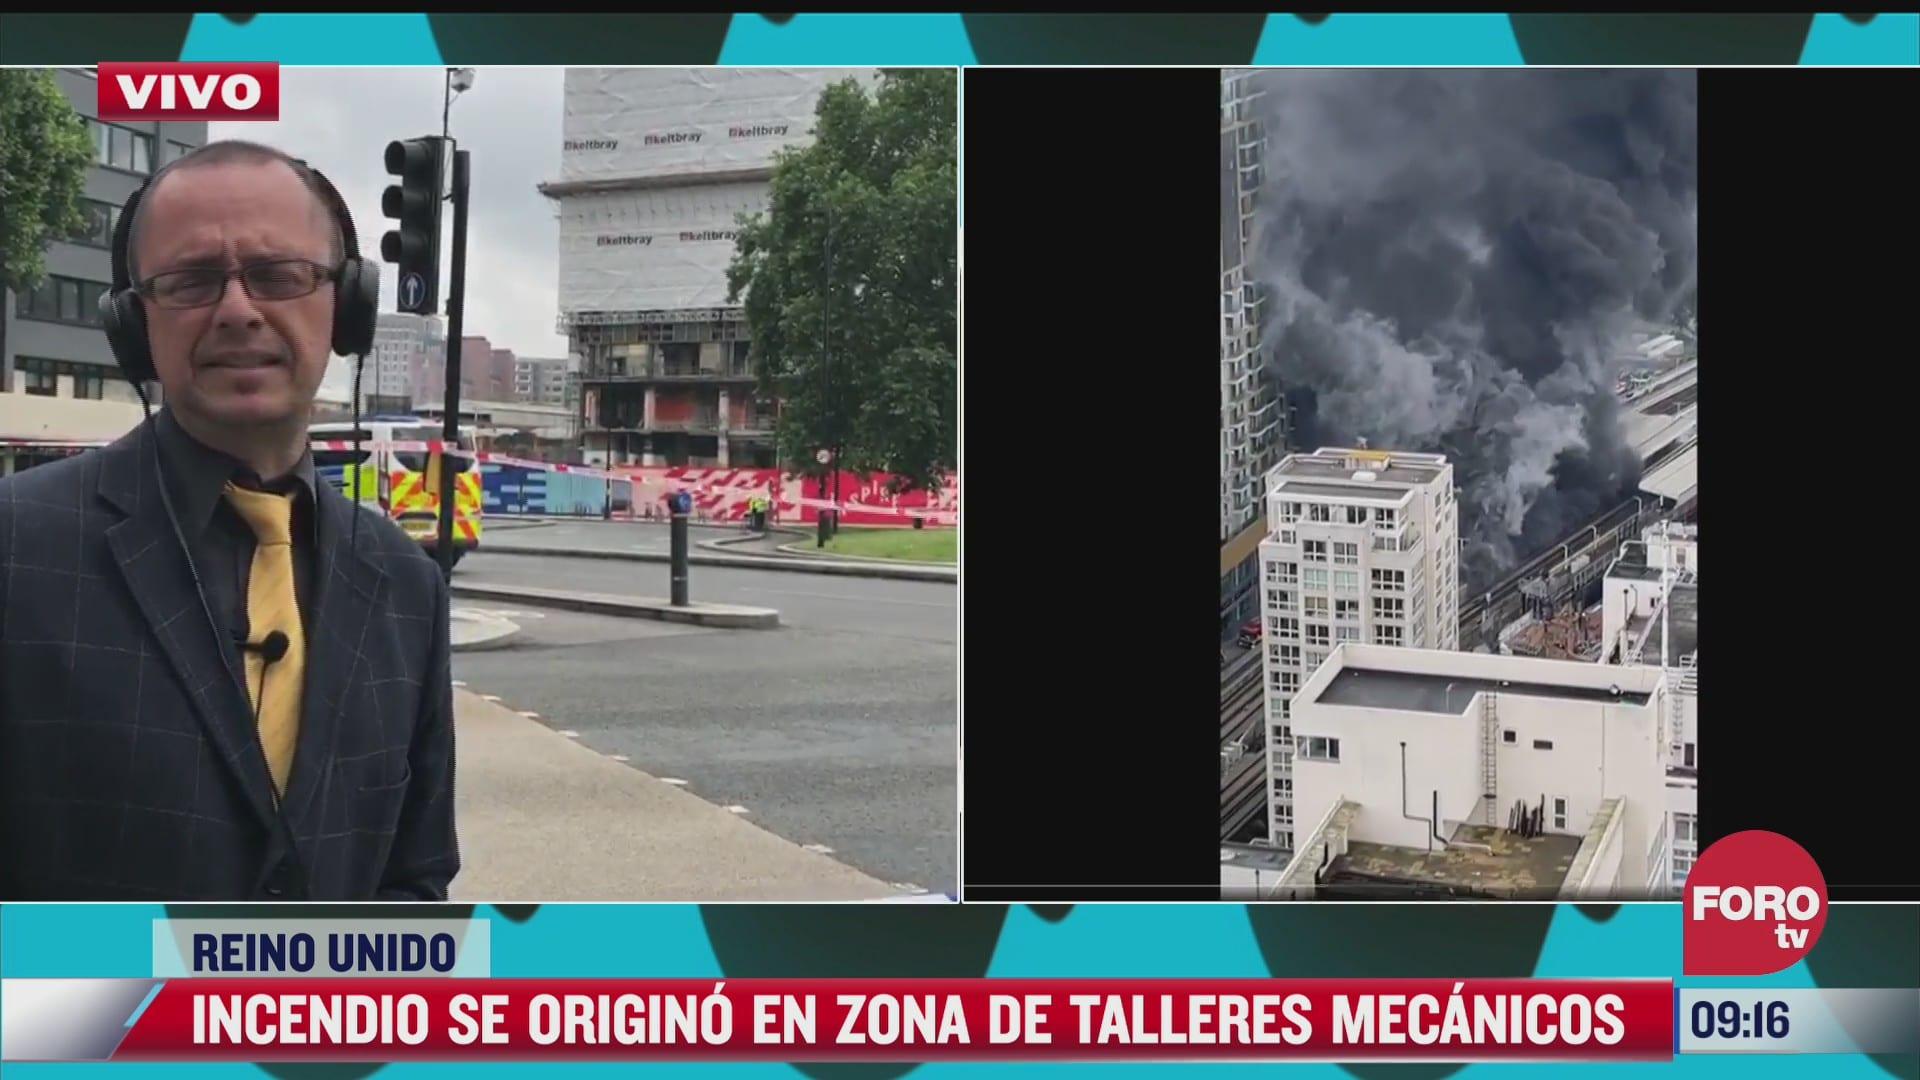 descartan acto terrorista en incendio cerca de estacion de tren en londres